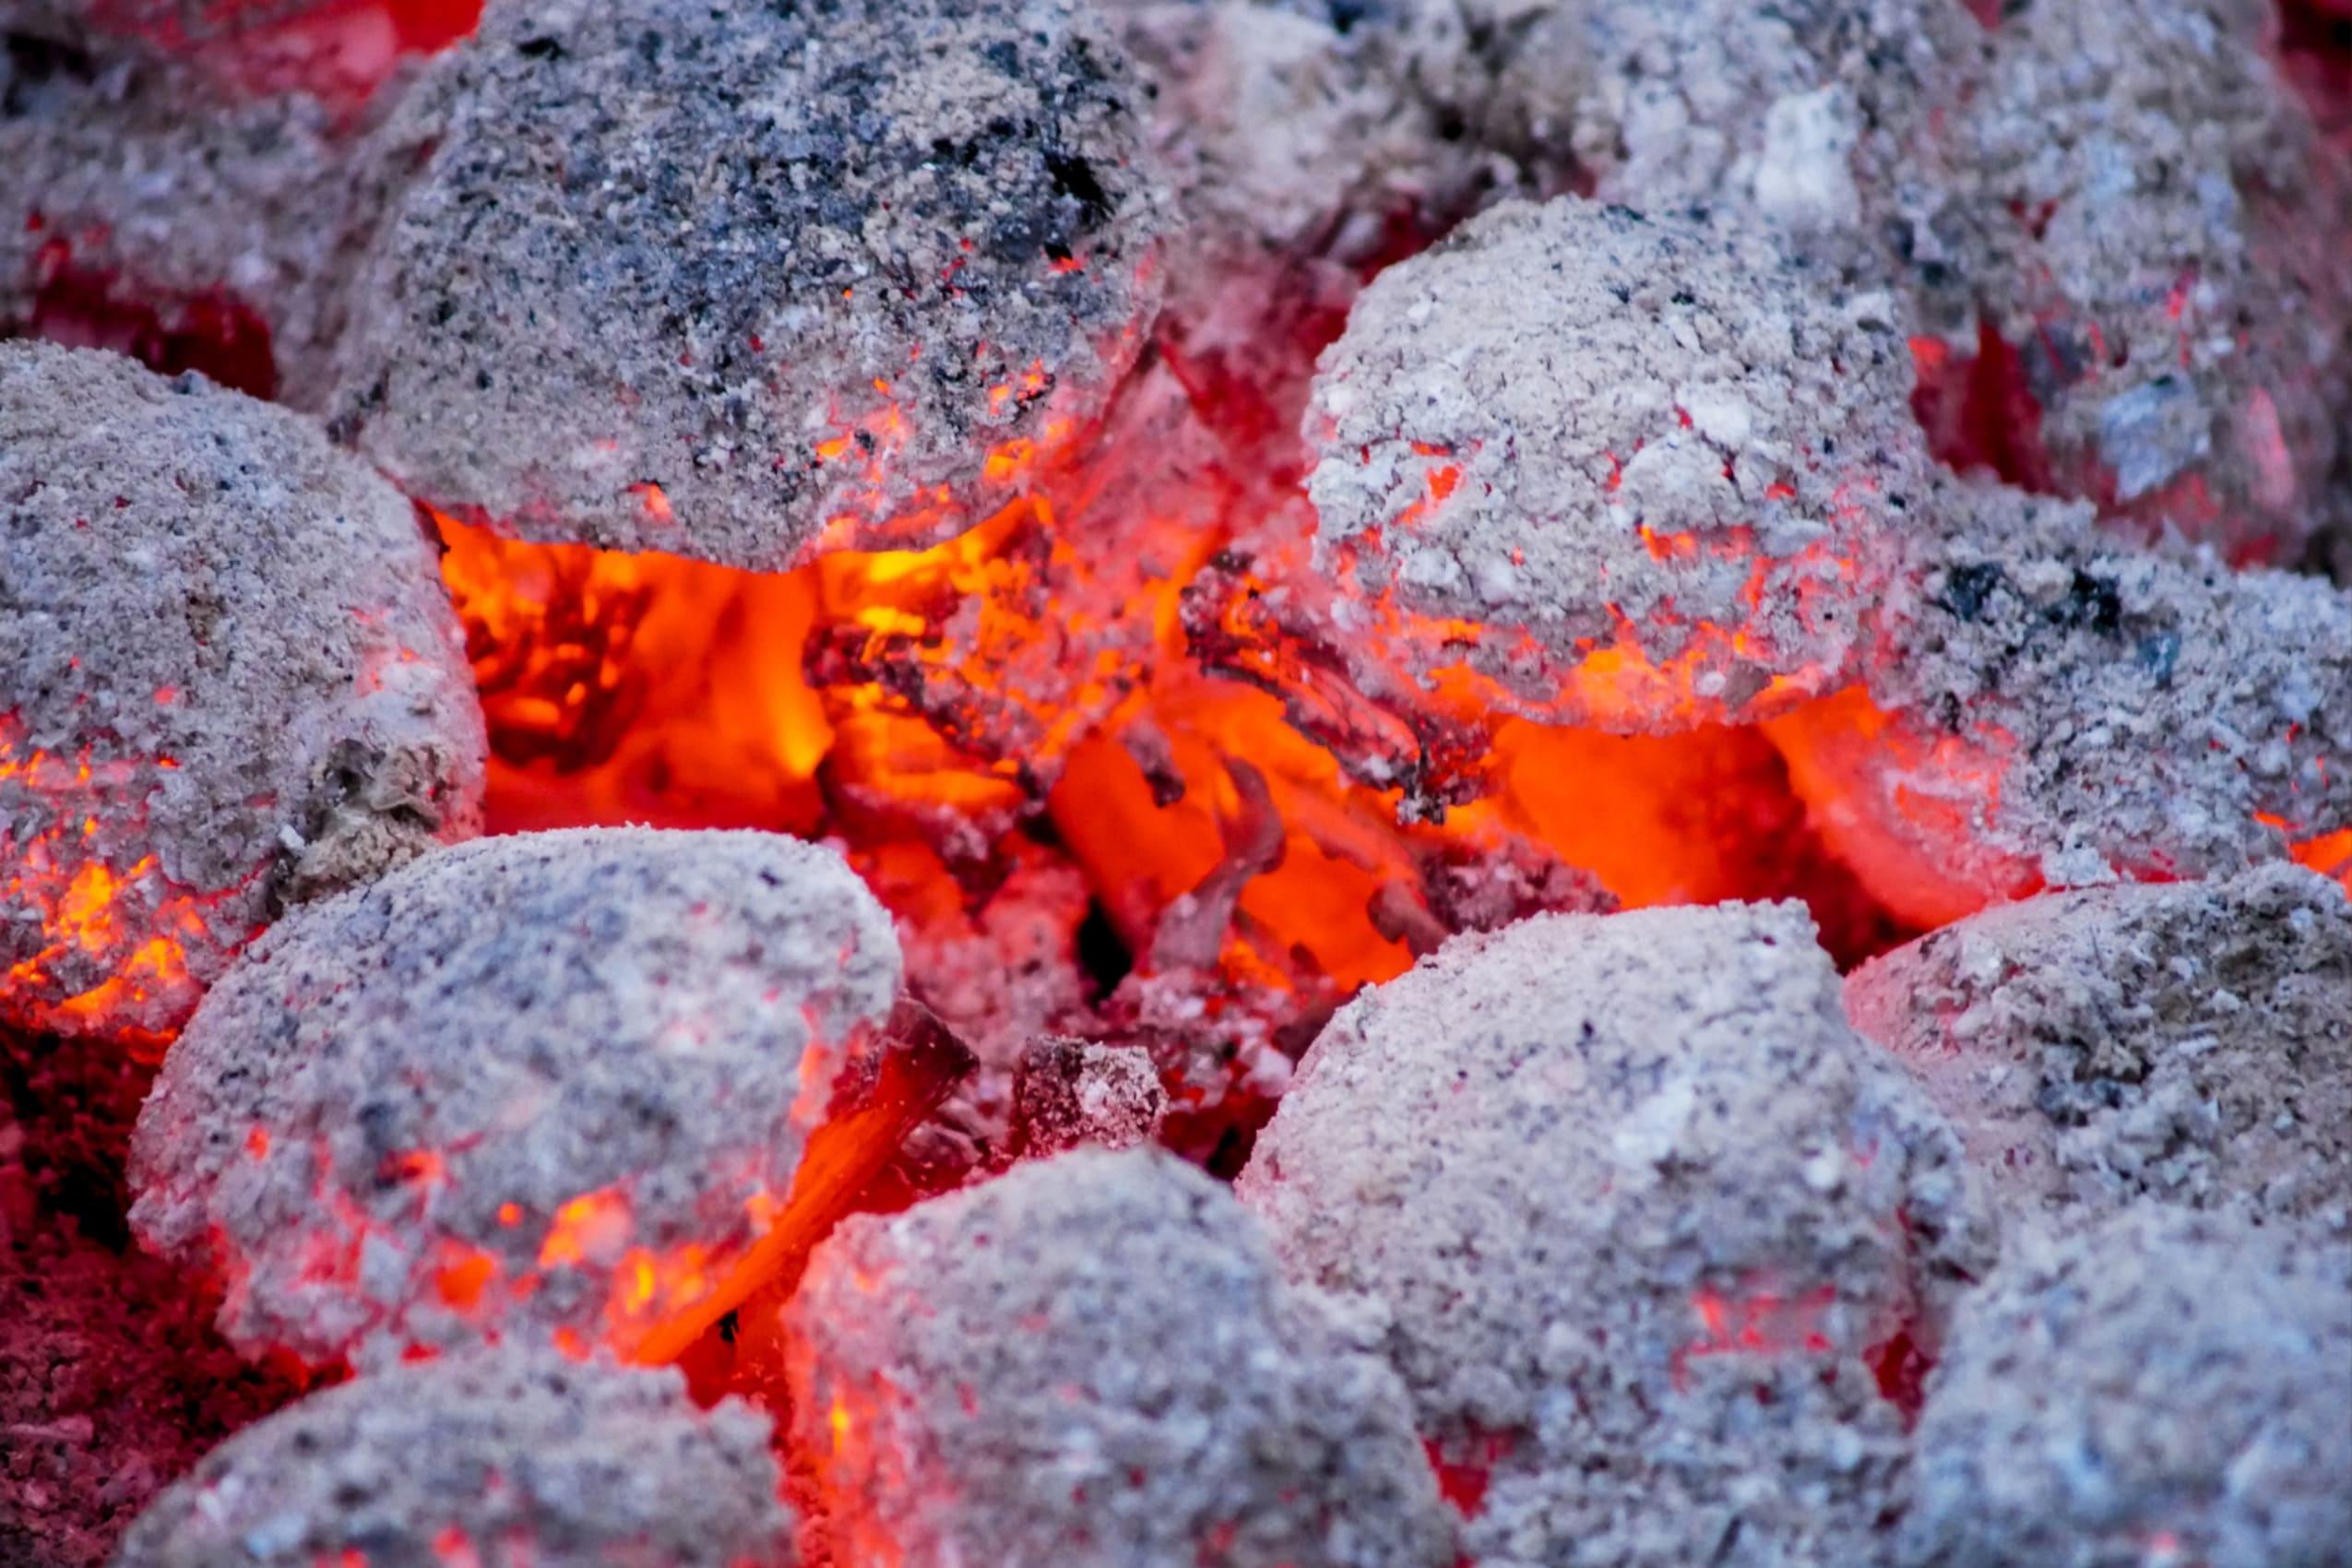 Memprediksi Prospek PTBA Saham di Saat Melemahnya Harga Batu Bara